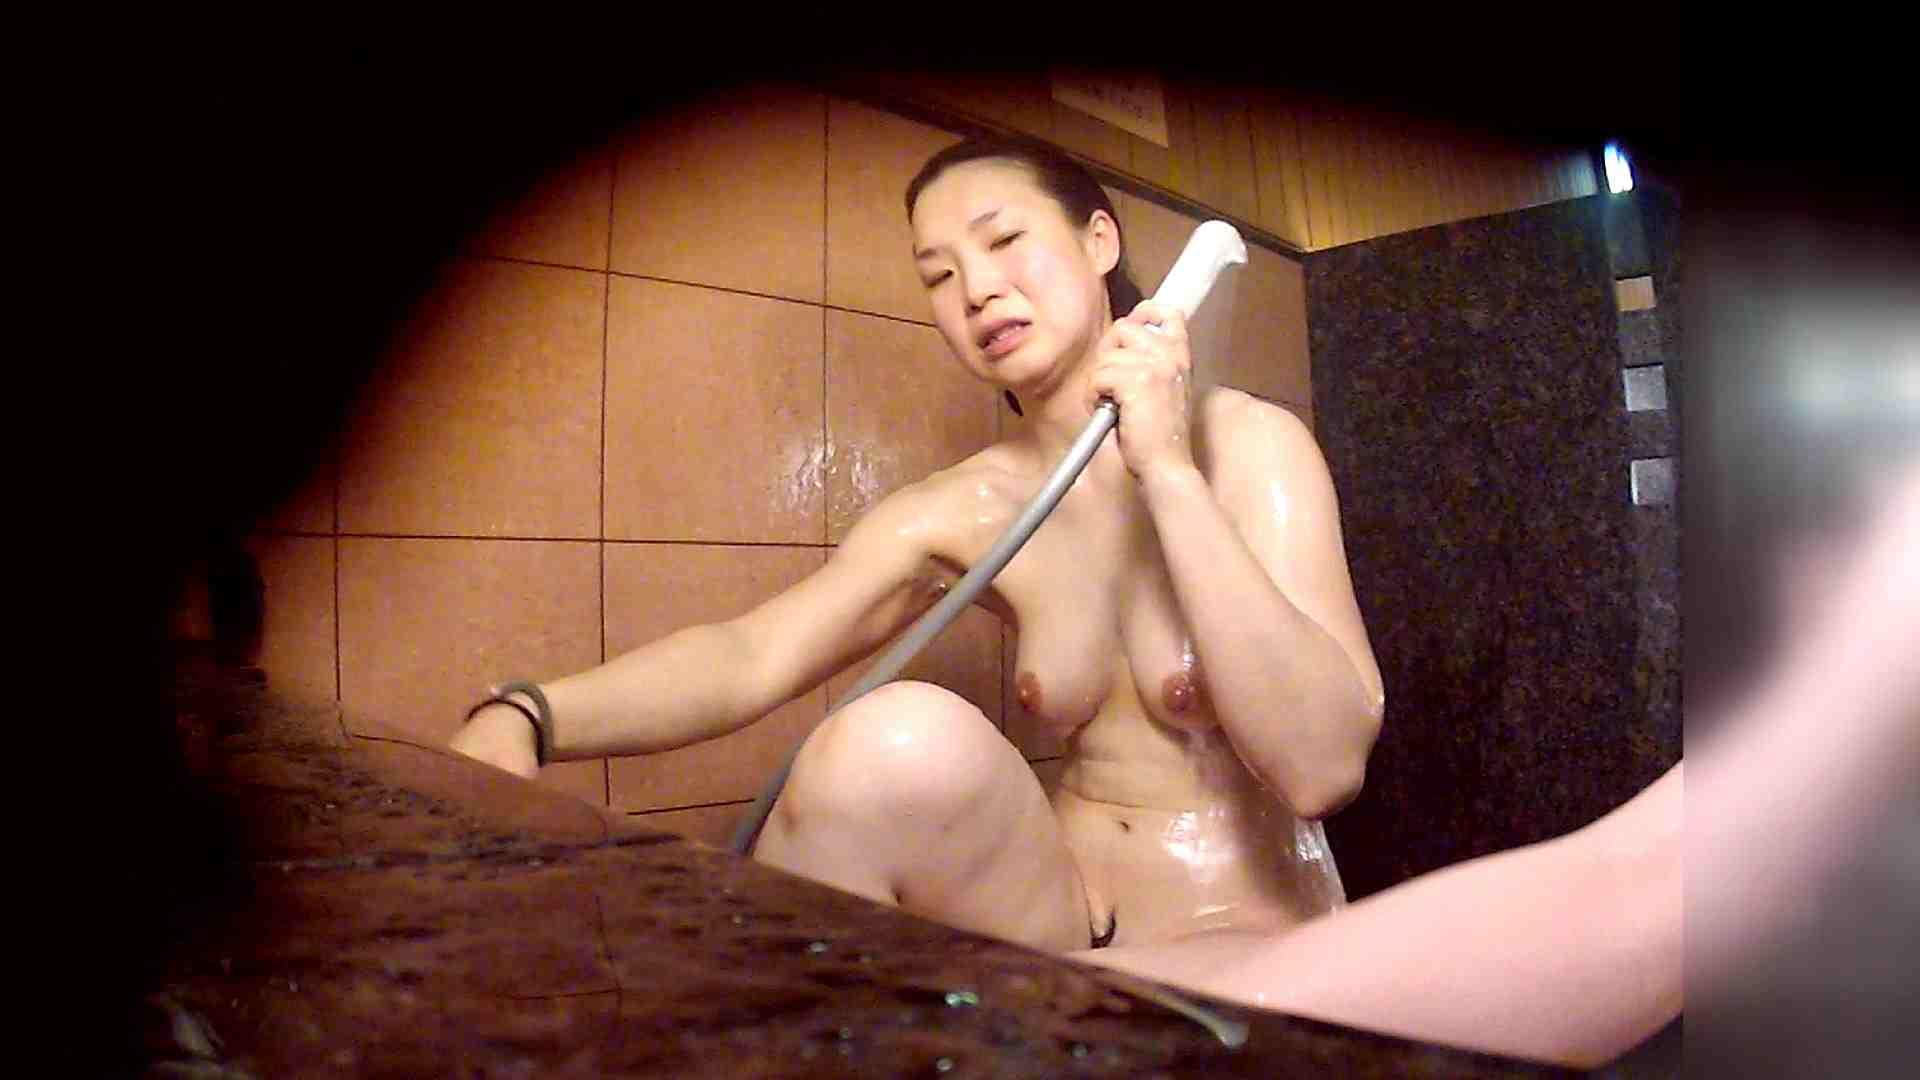 おまんこ:洗い場!マッスルお嬢さん!でもオッパイだけは柔らかそうです。:怪盗ジョーカー